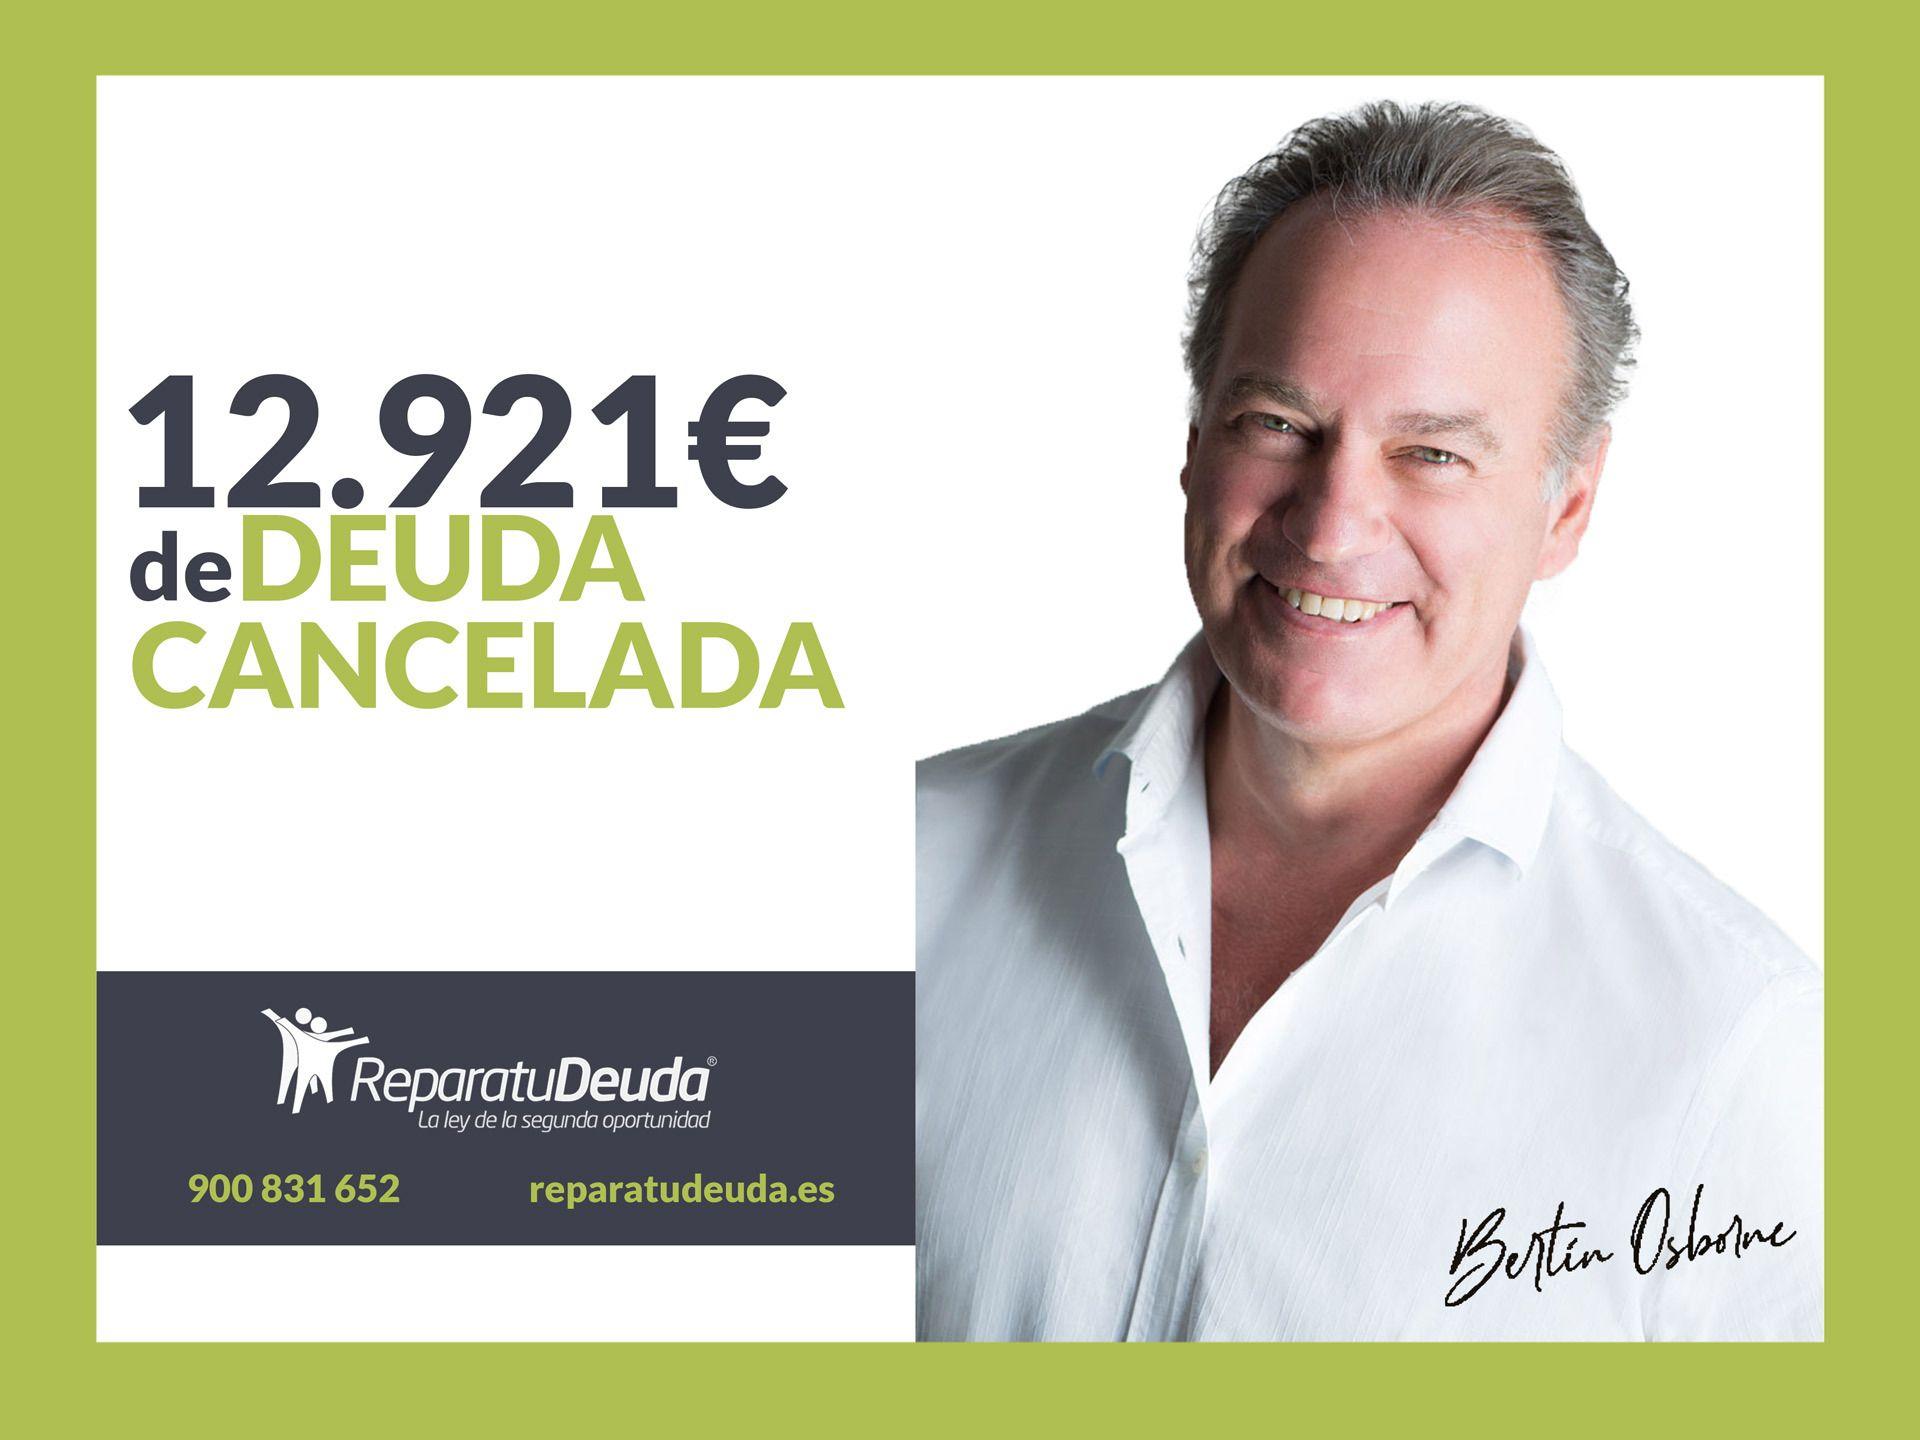 Repara tu Deuda abogados cancela 12.921 ? en Barcelona con la Ley de Segunda Oportunidad